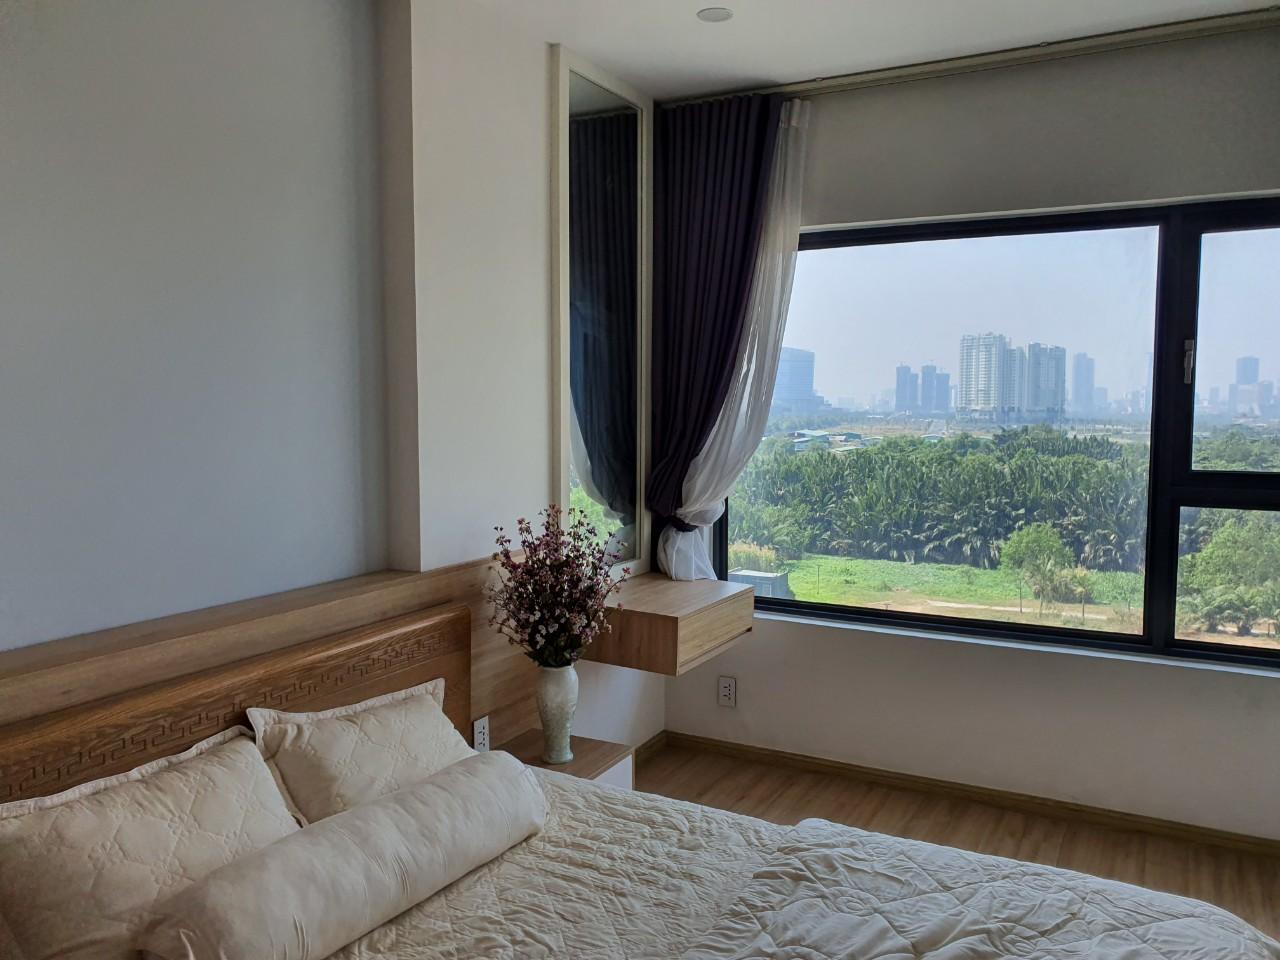 Cho thuê 3 phòng ngủ New City Thủ Thiêm - ID 010145